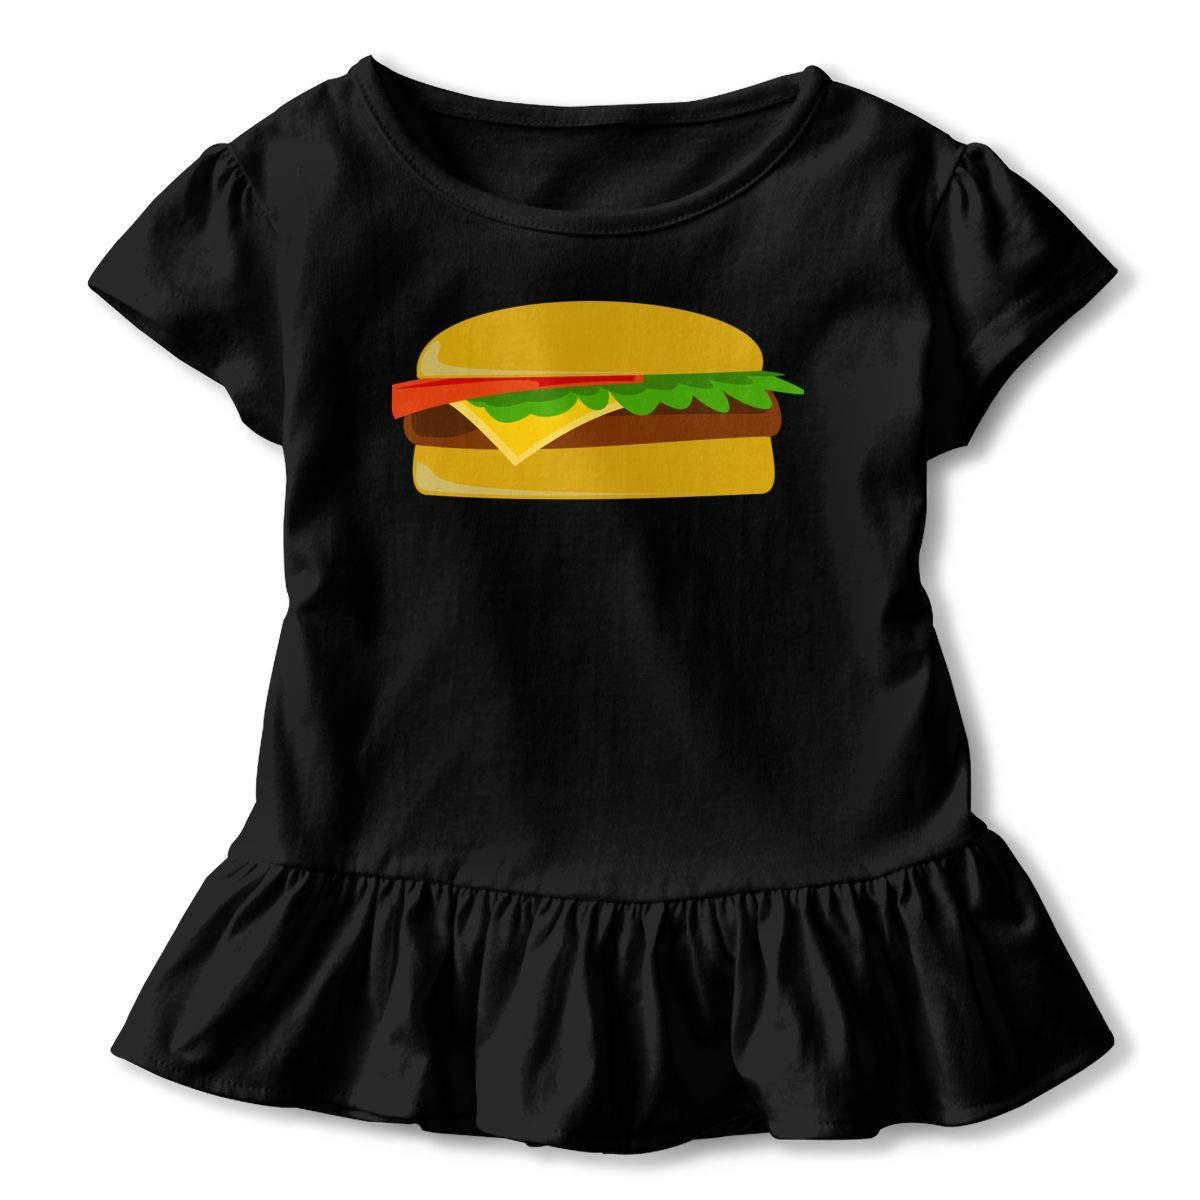 JVNSS Just Great Burgers Shirt Cartoon Infant Girl Flounced T Shirts Shirt Dress for 2-6T Baby Girls